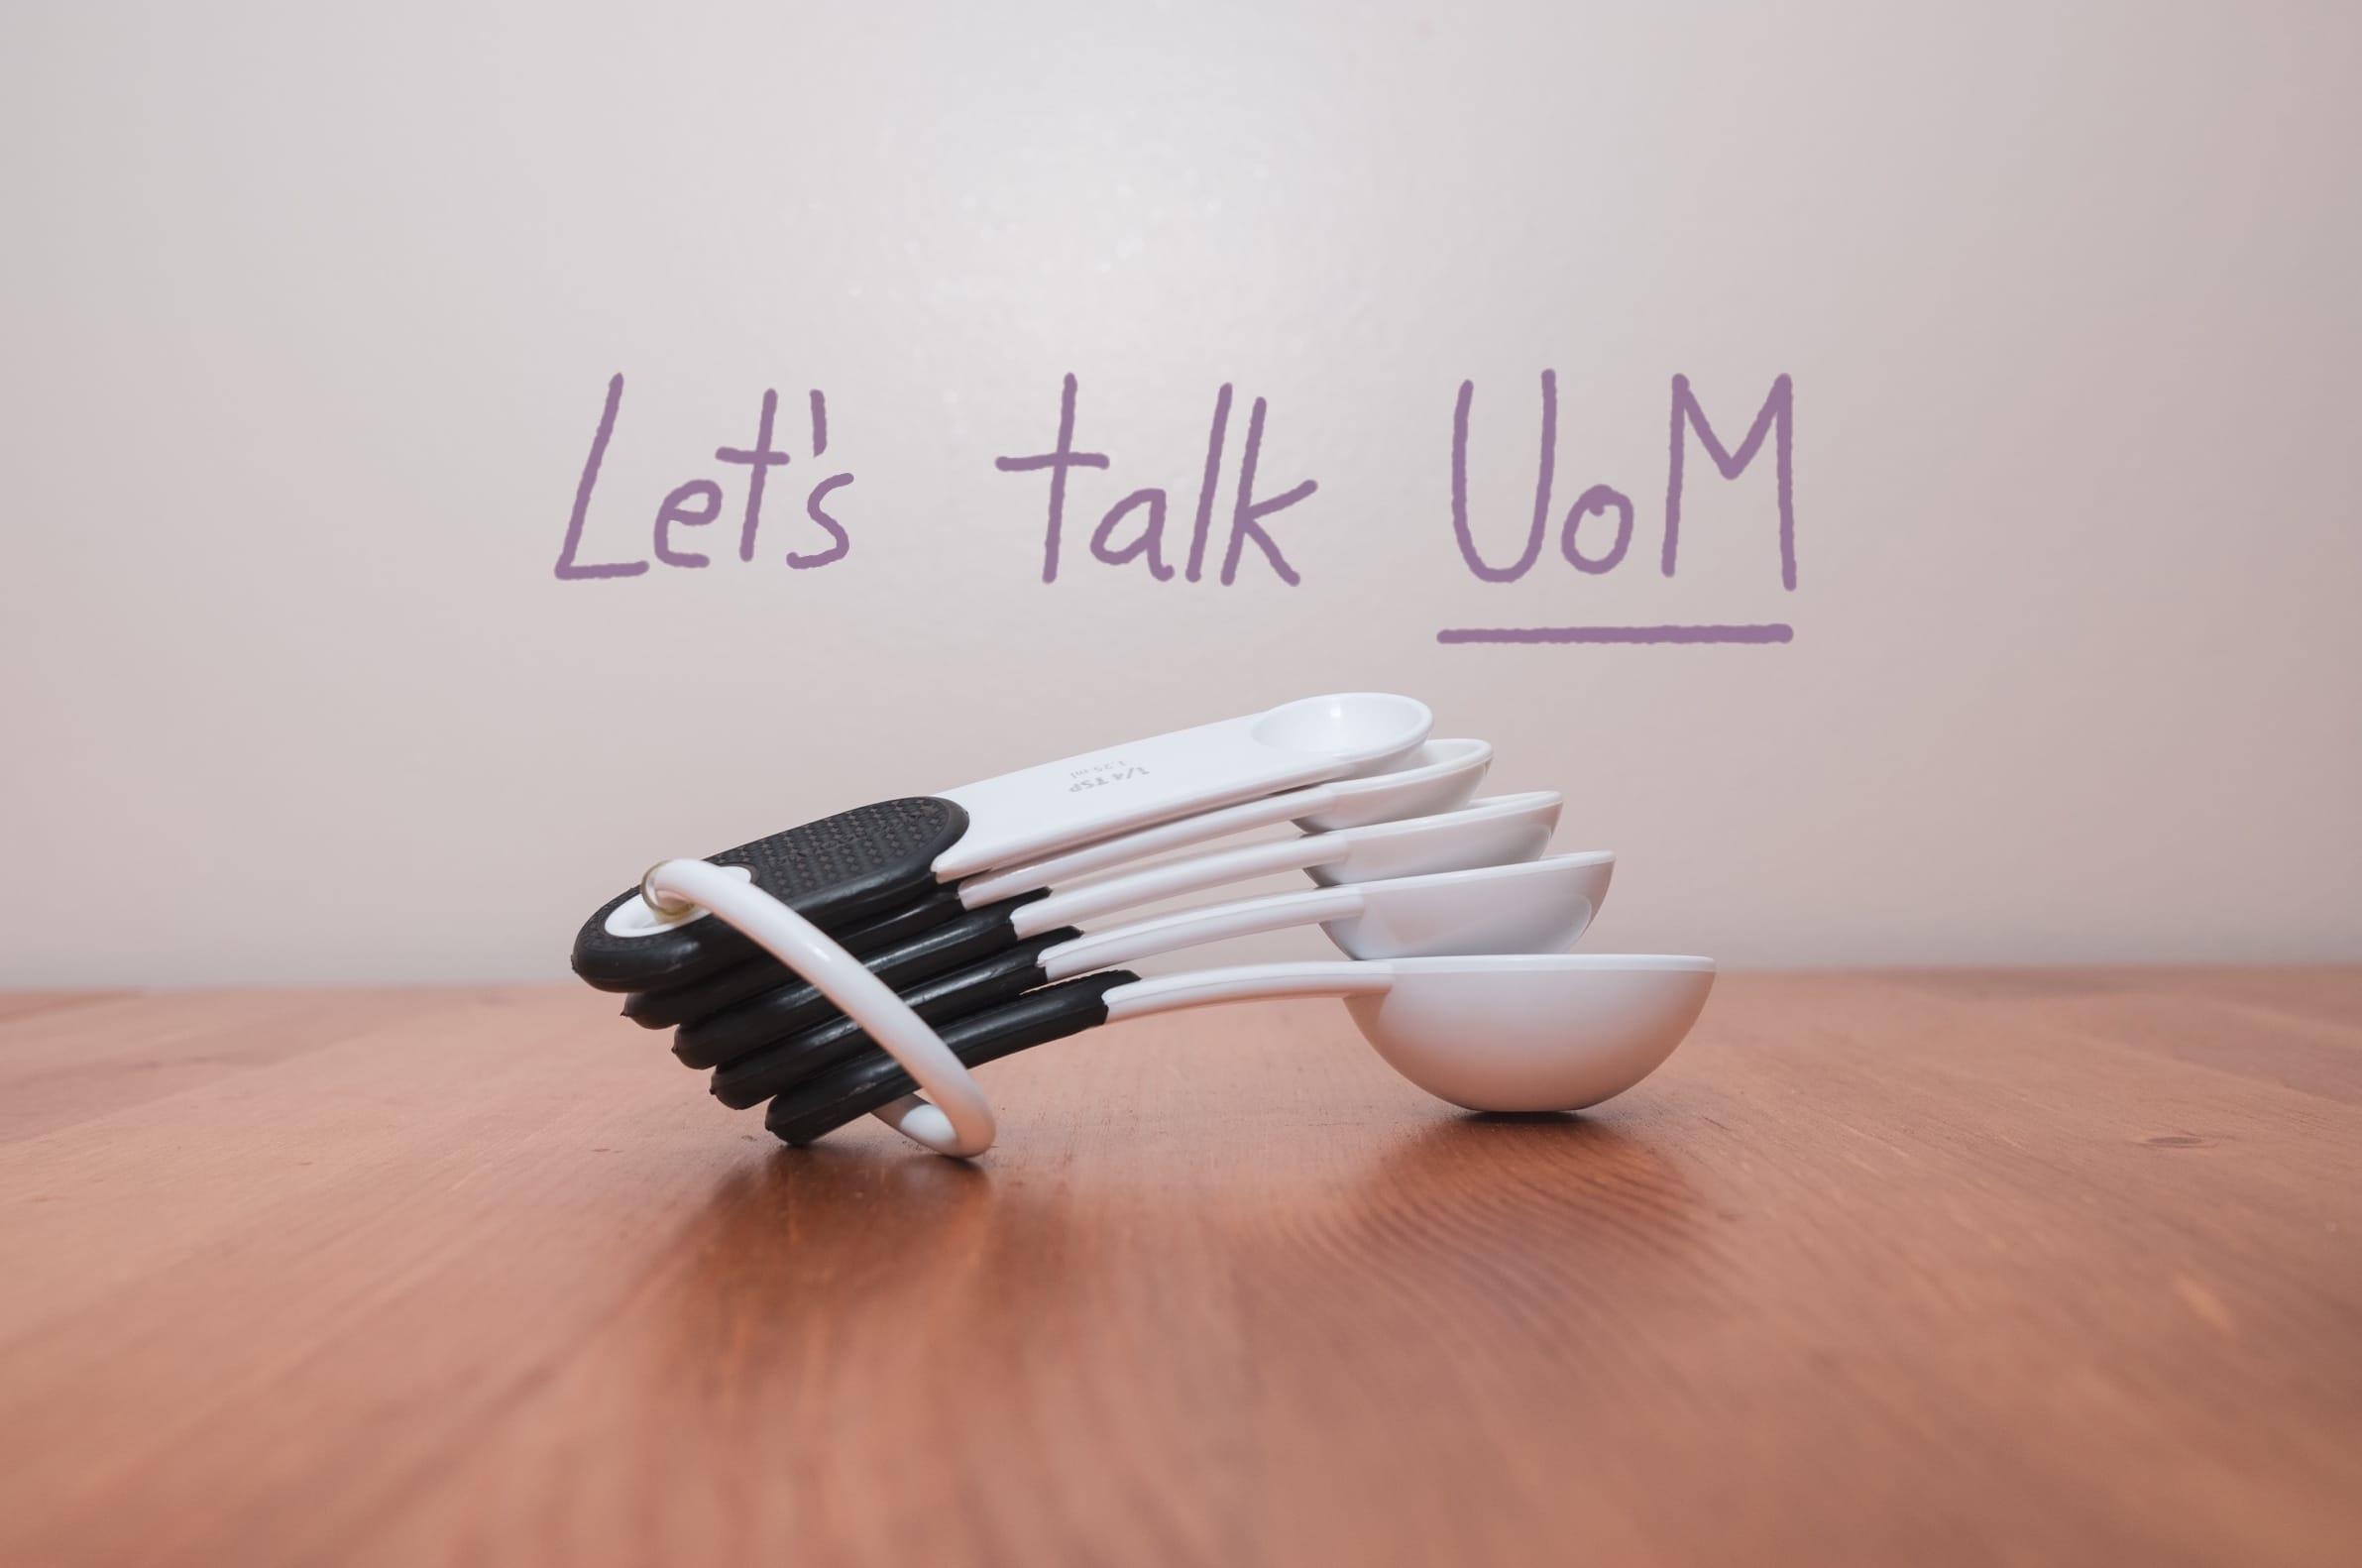 Let's talk UoM